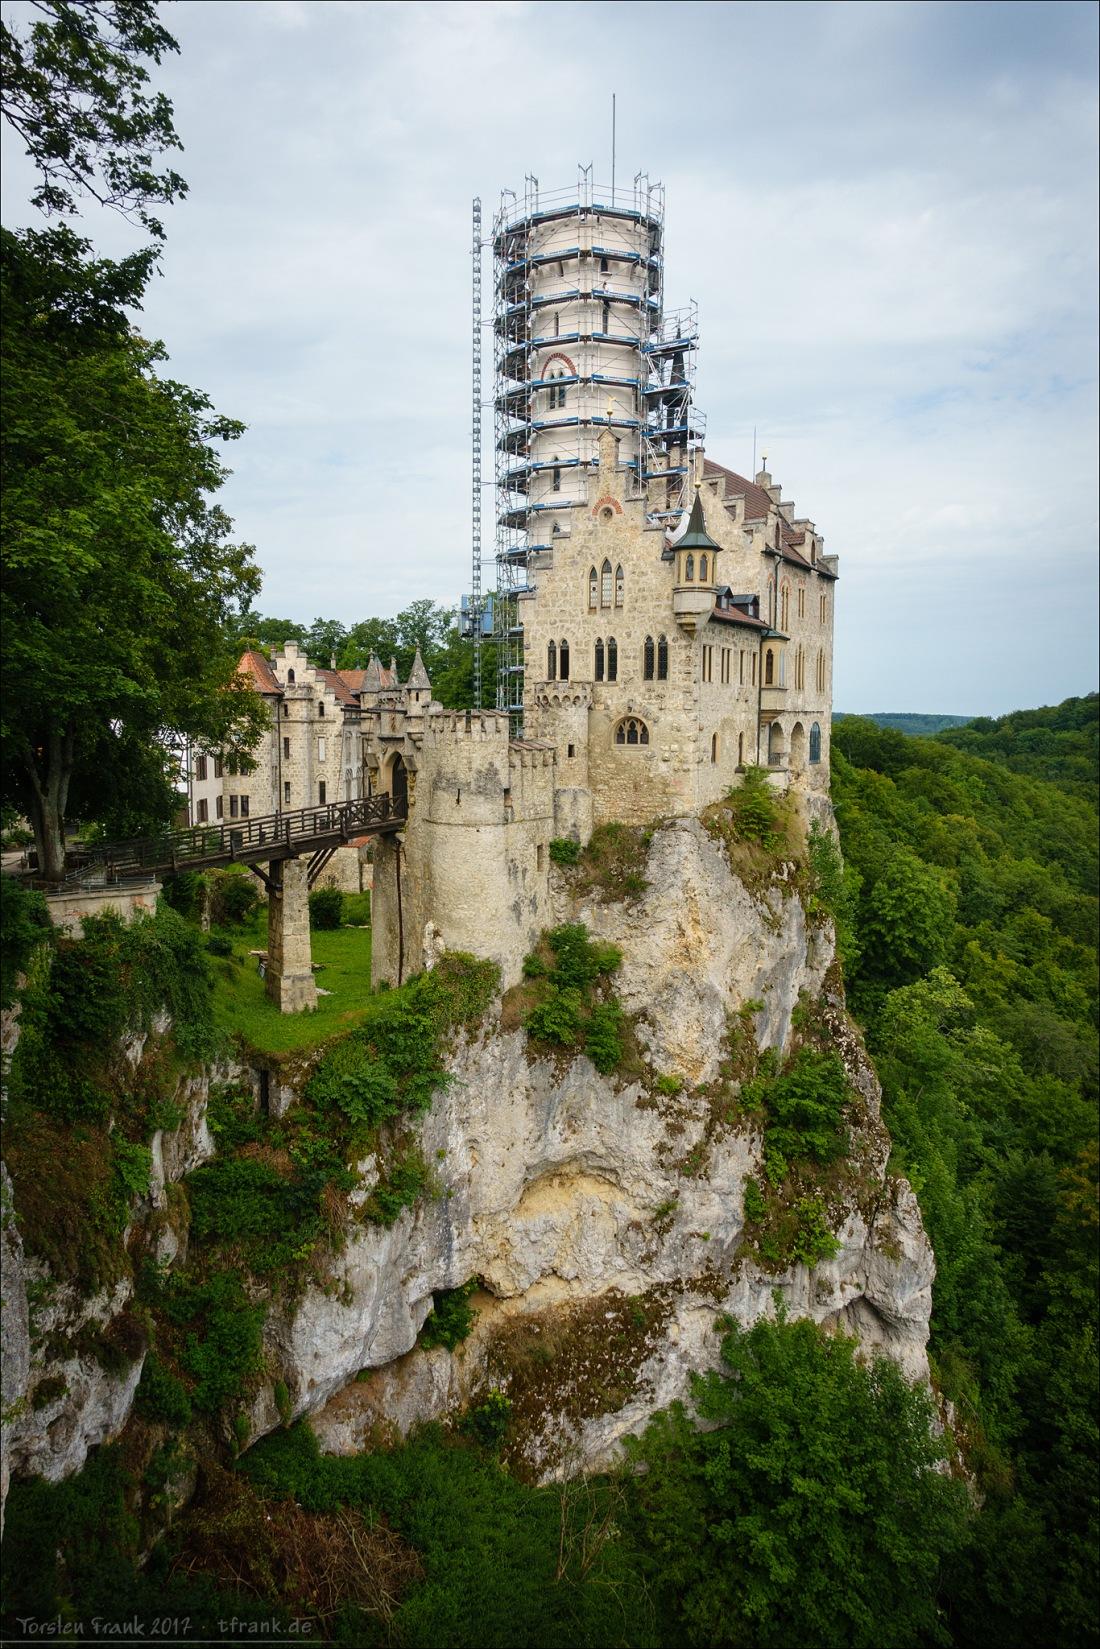 11332_0148-SchlossLichtenstein_2048